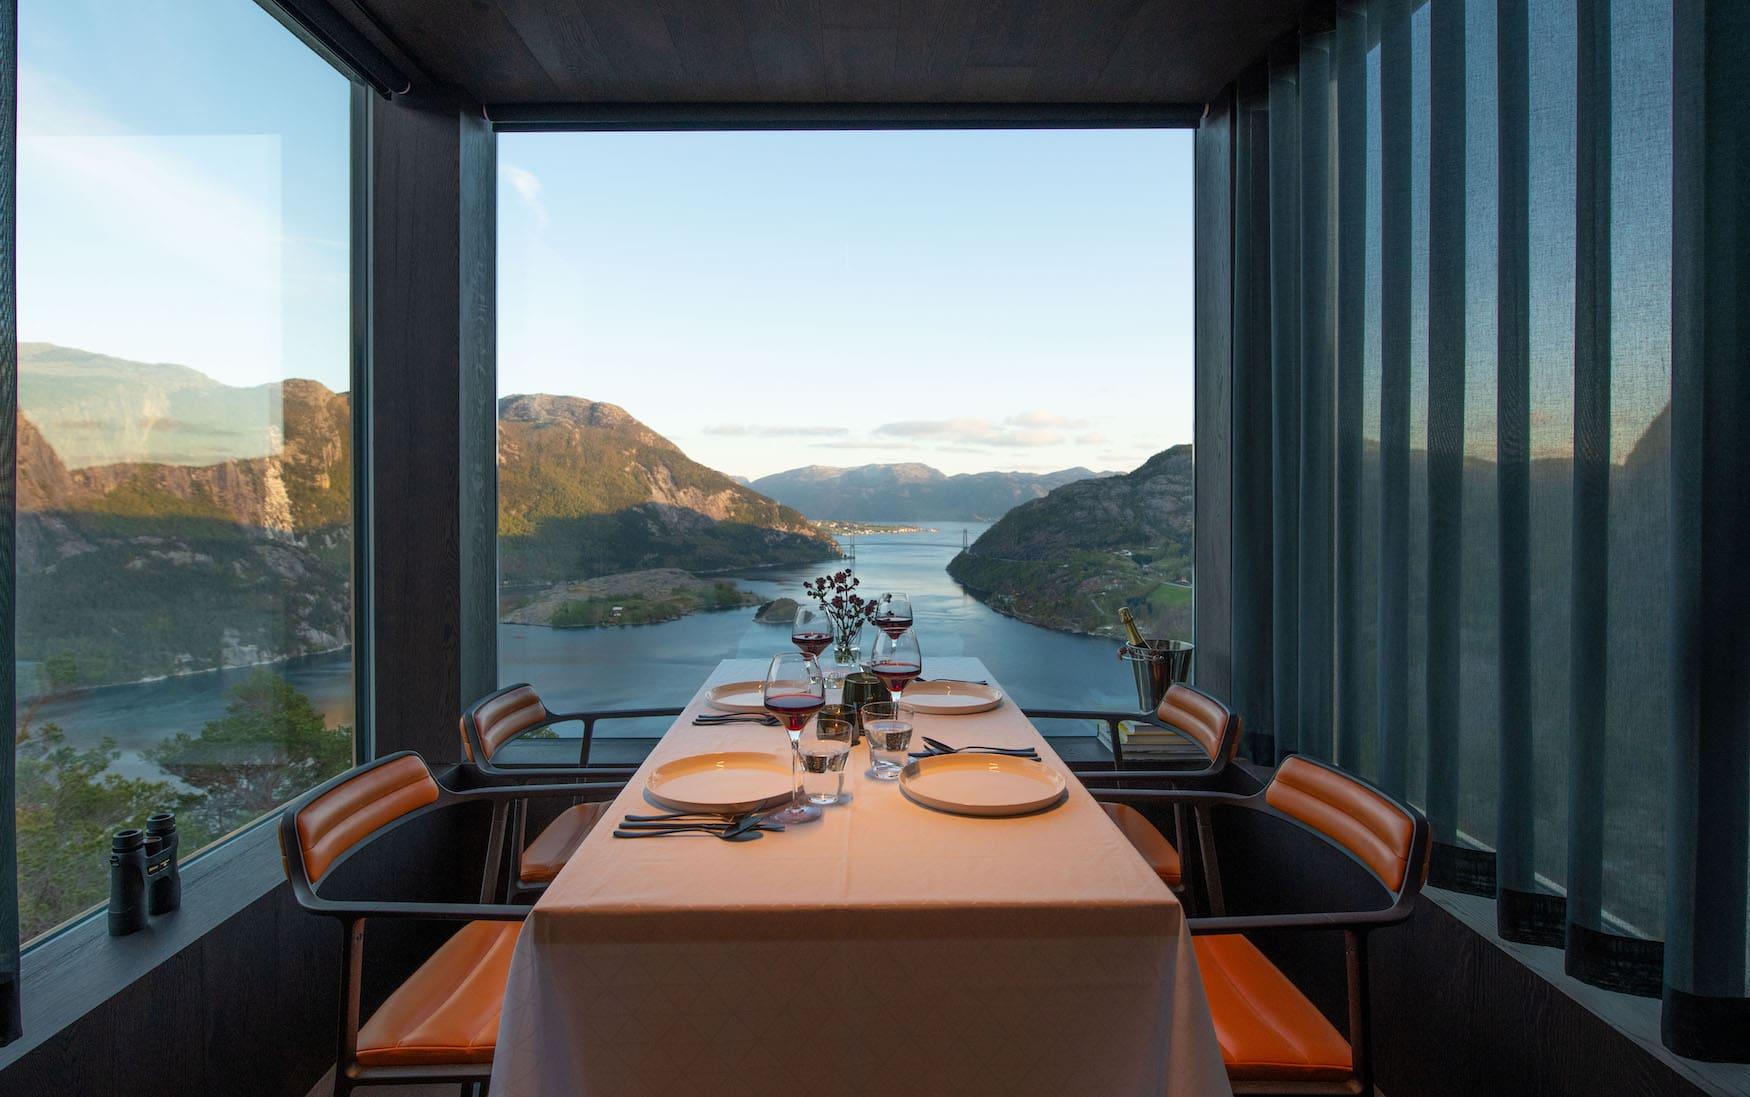 Spektakuläre Ferienhäuser in Norwegen mit Ausblick auf die umliegenden Fjorde